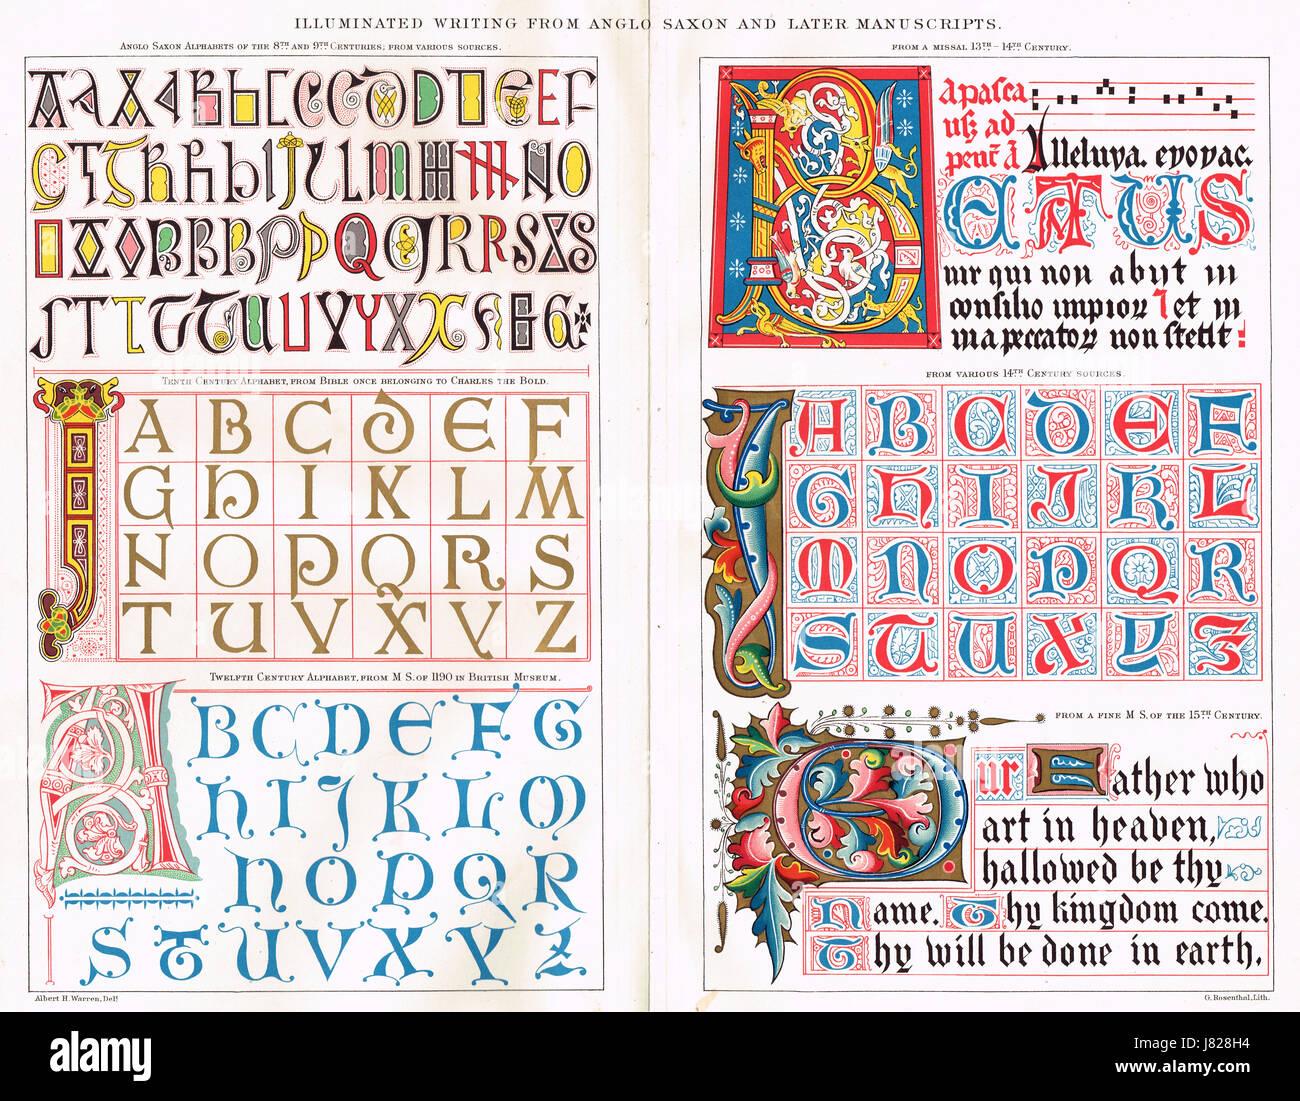 Anglo Saxon Examples. Anglo Saxon Art. 2019-02-26